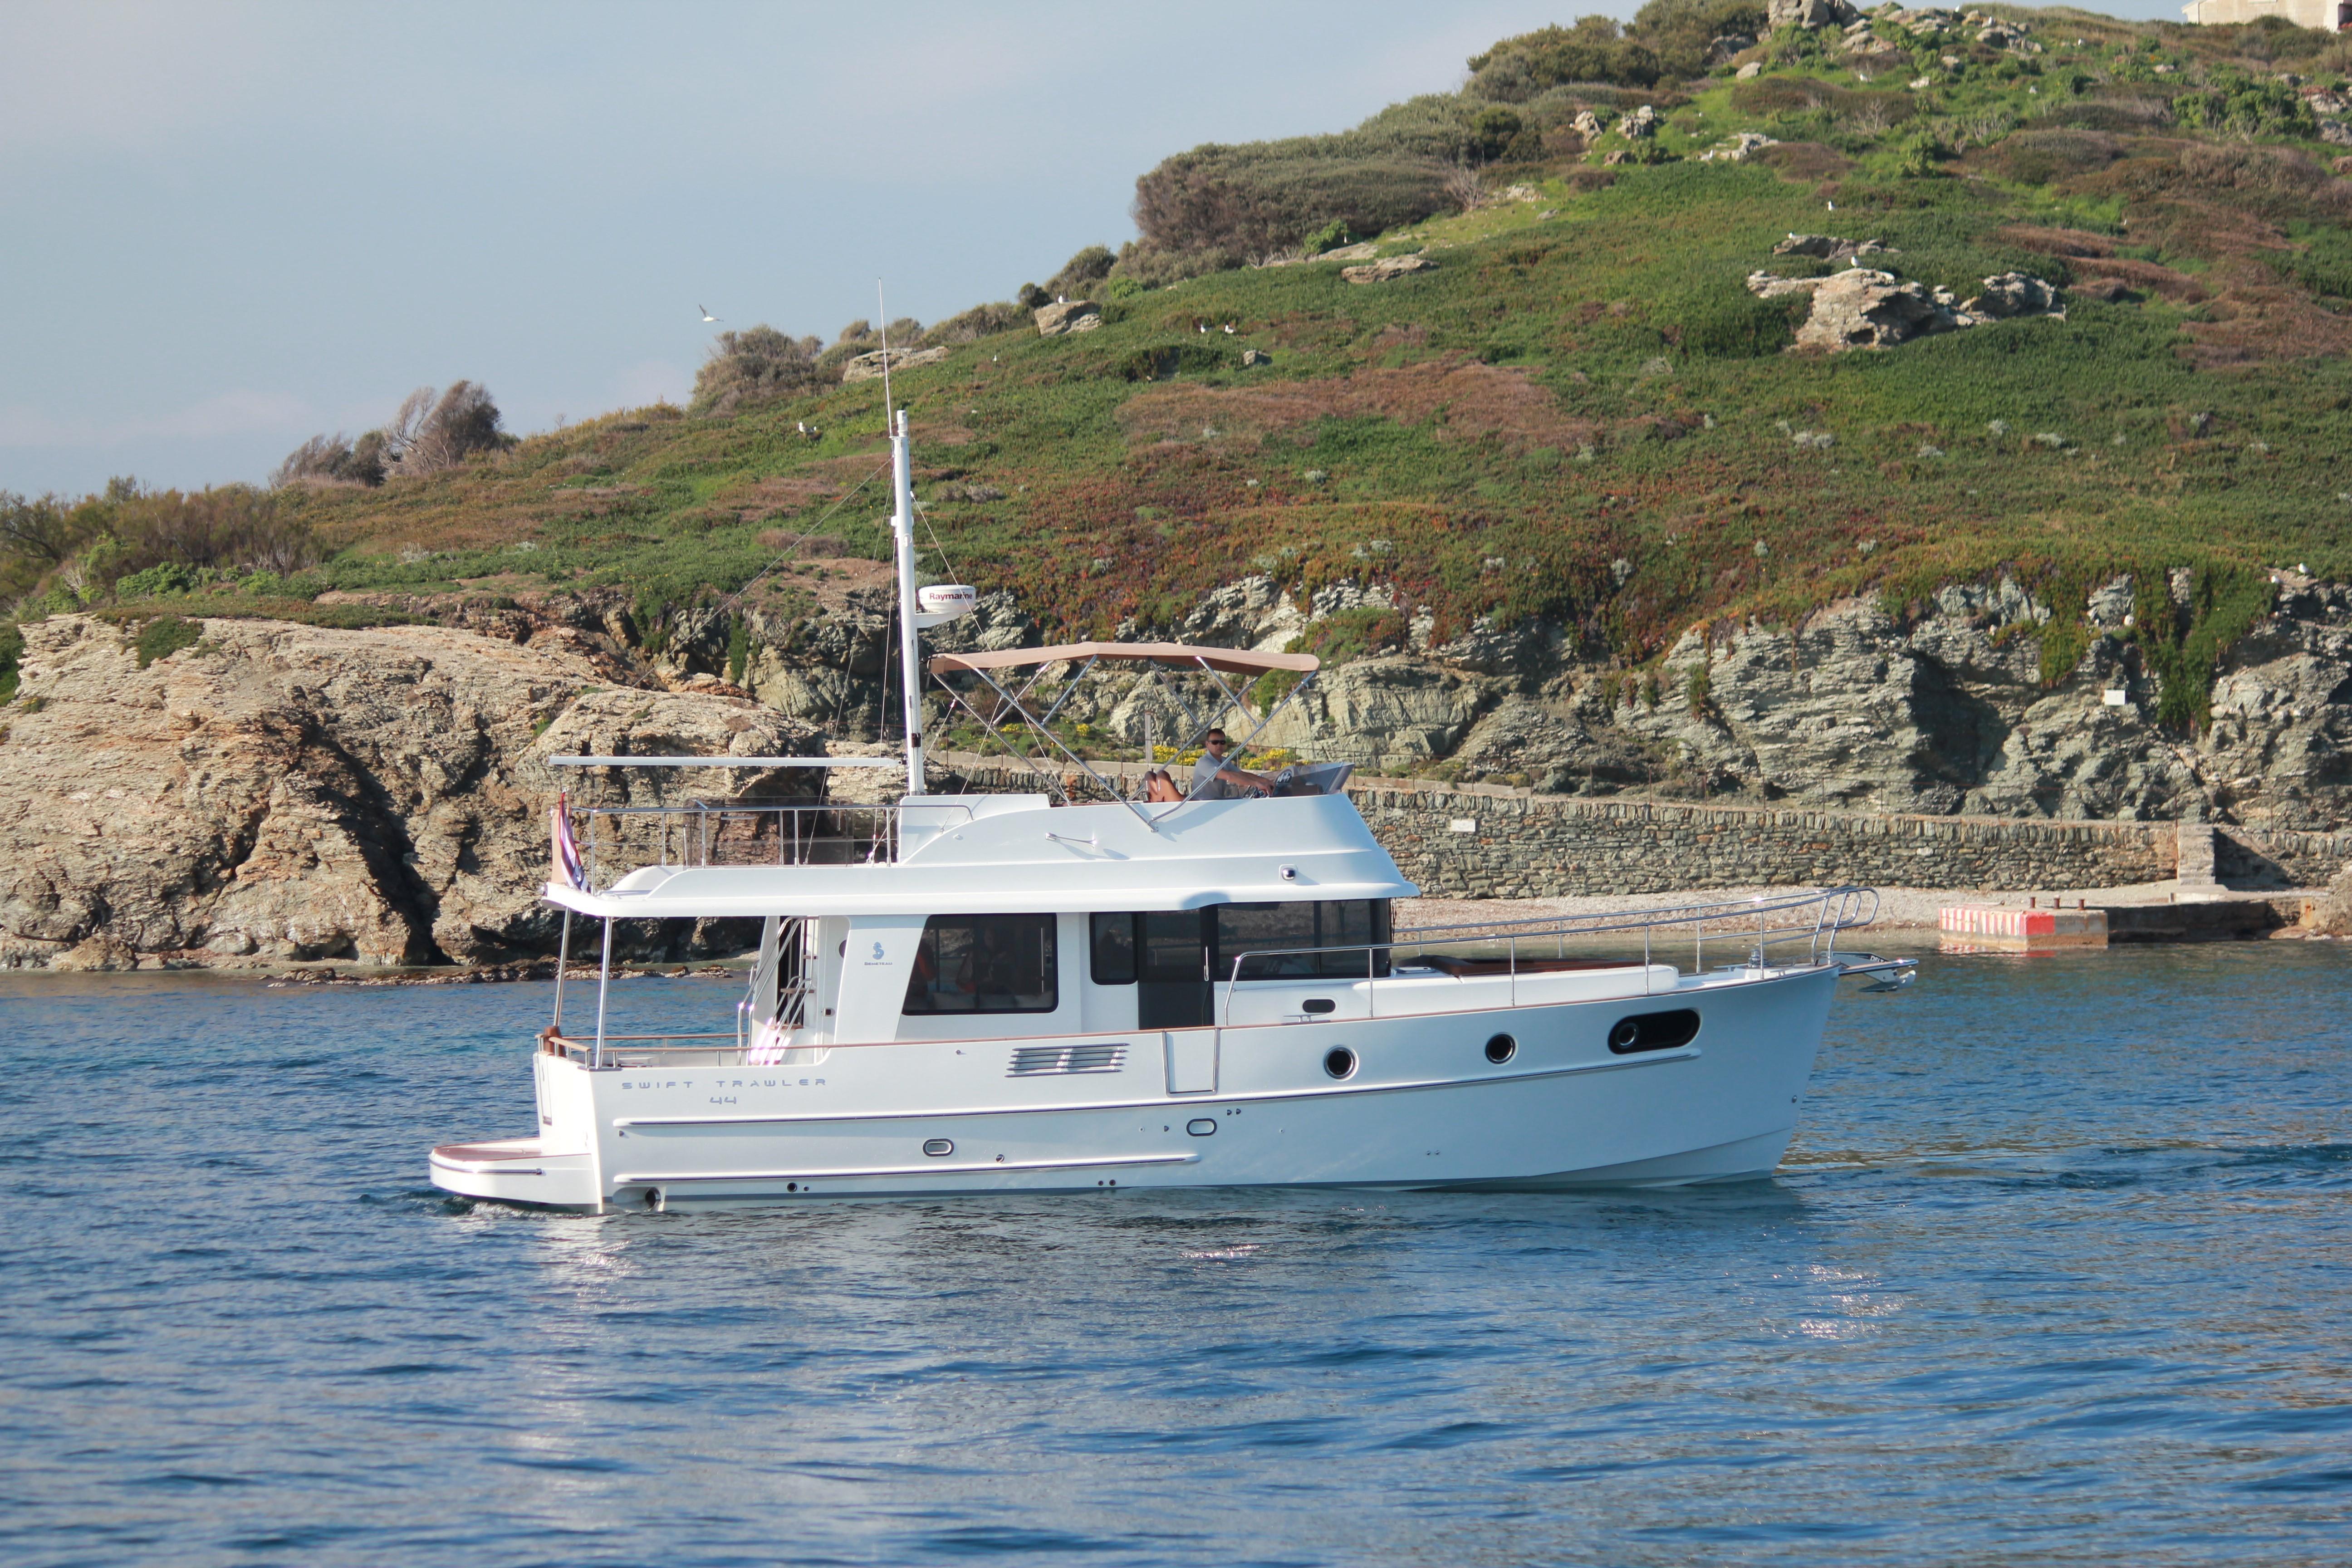 Beneteau Swift Trawler 44 Beneteau Swift Trawler 44 Brochure shot